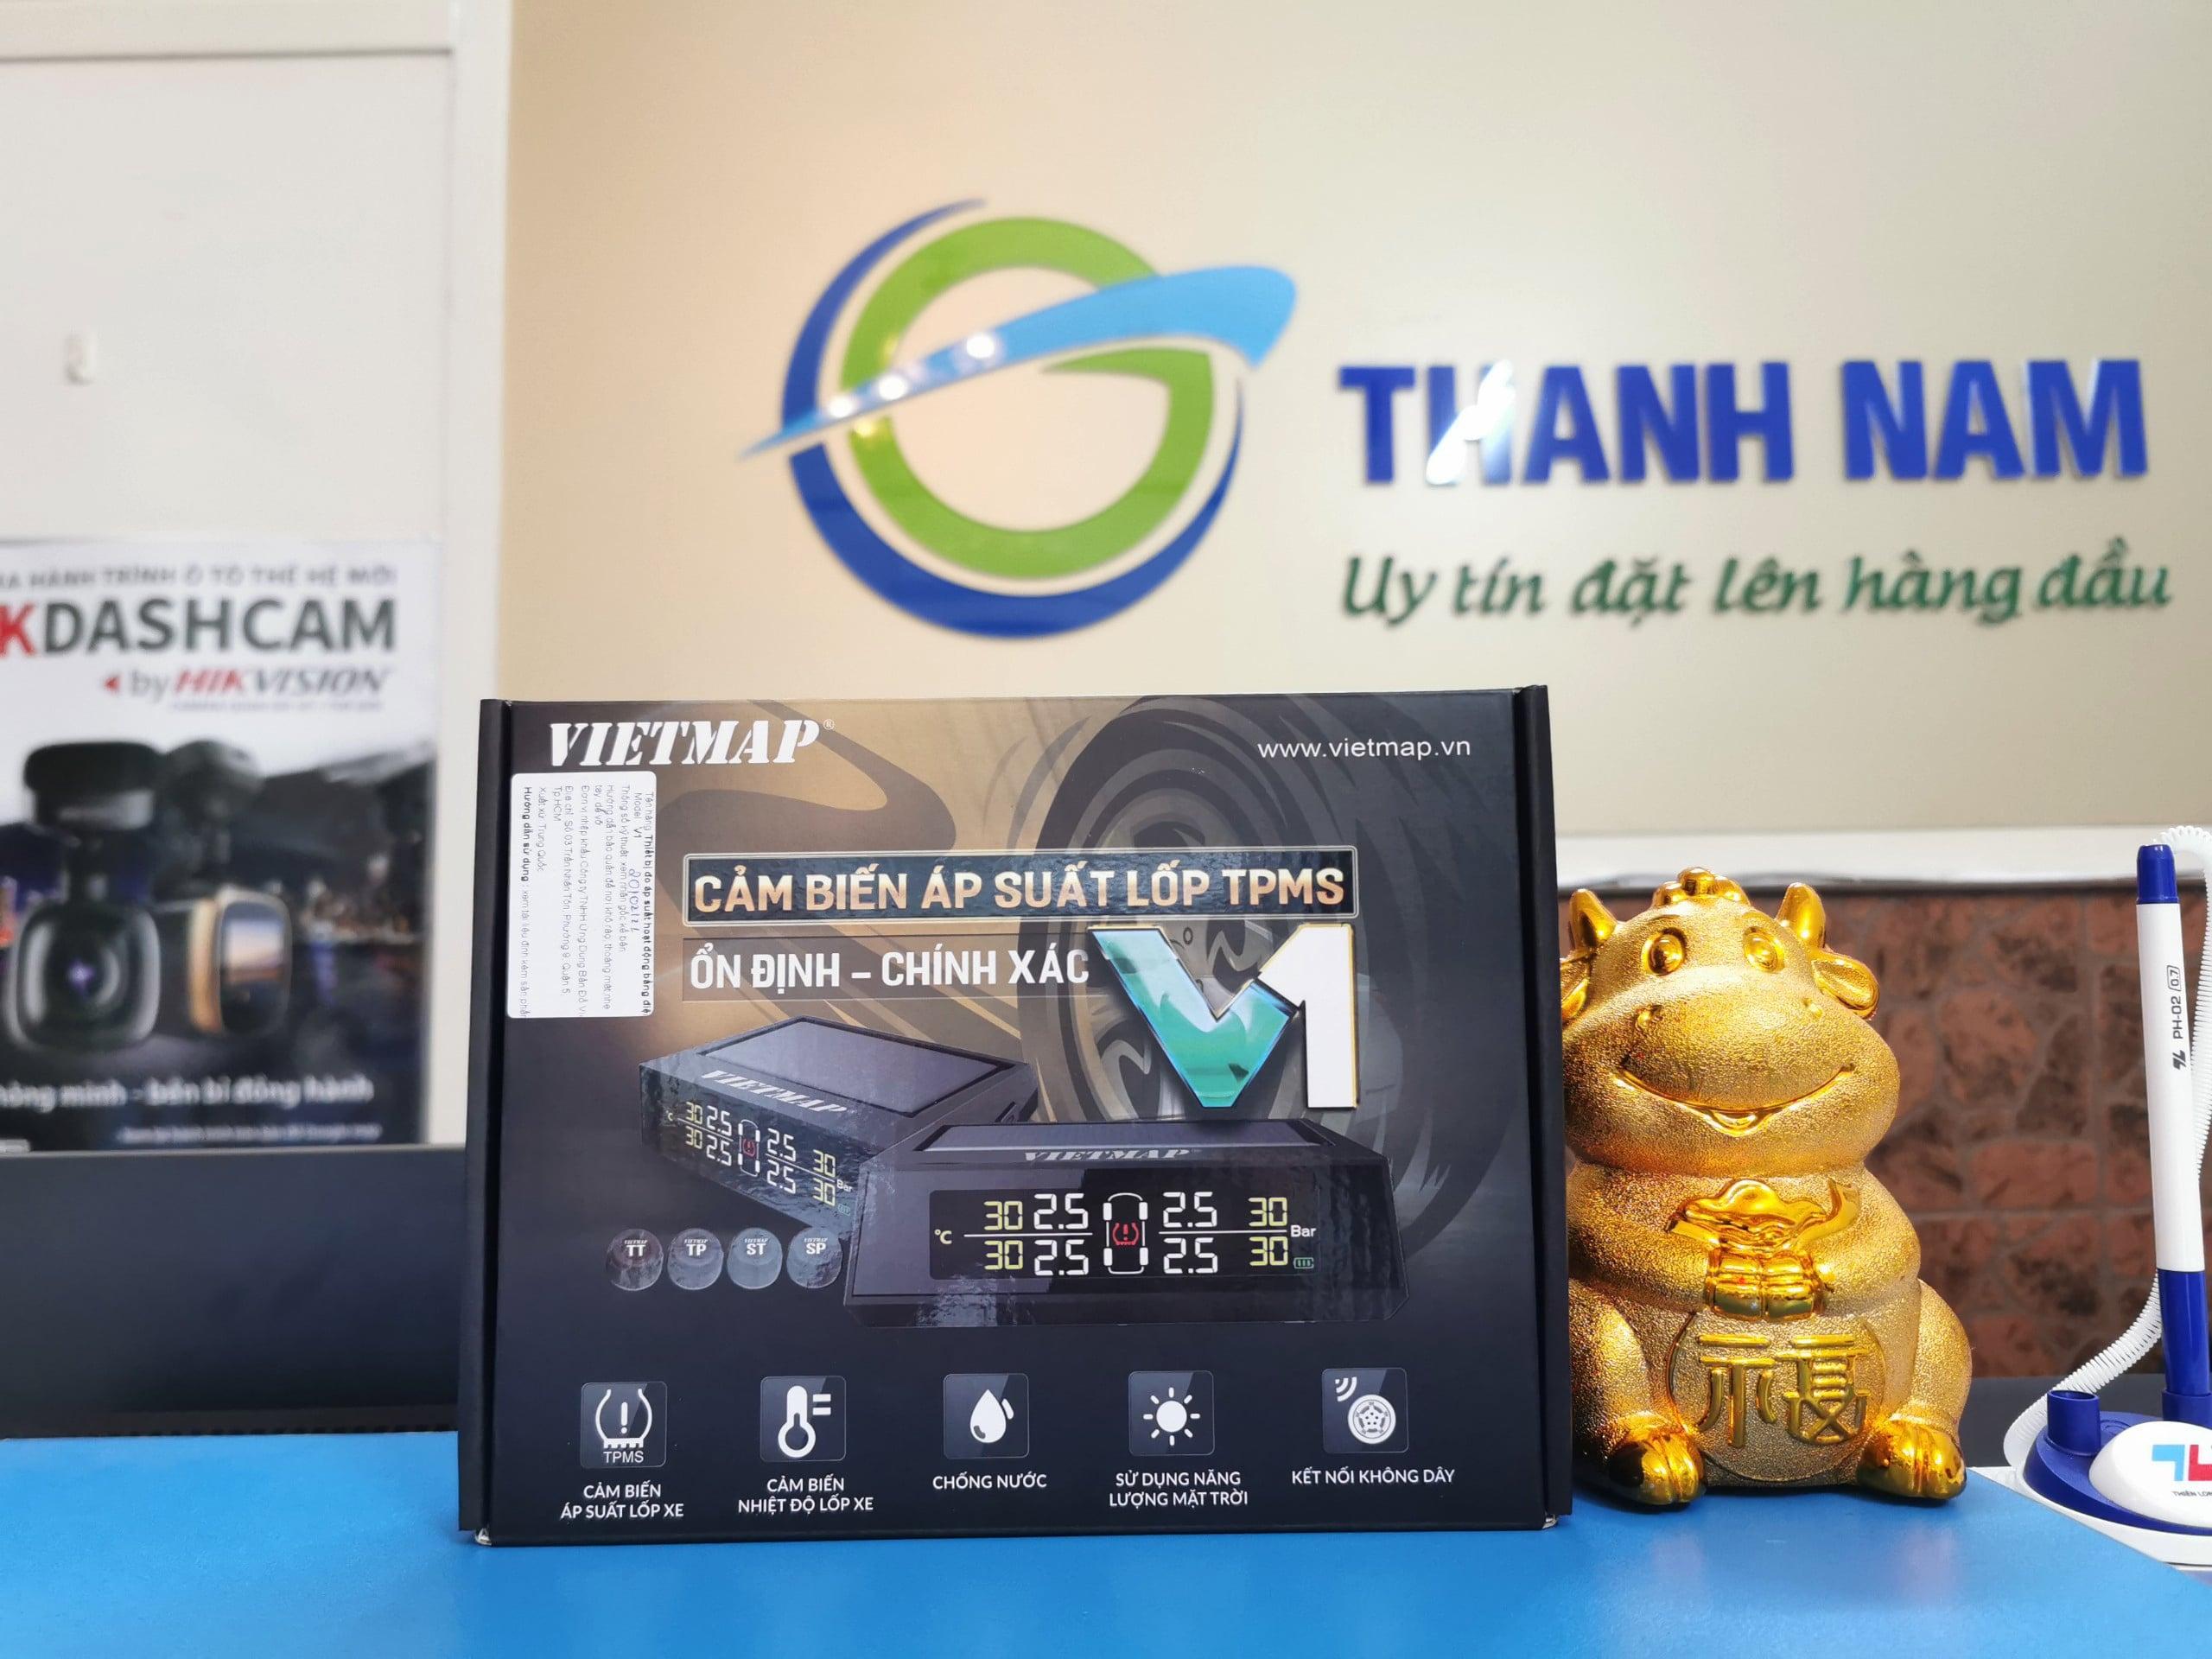 mua cảm biến vietmap v1 chính hãng tại thành nam gps